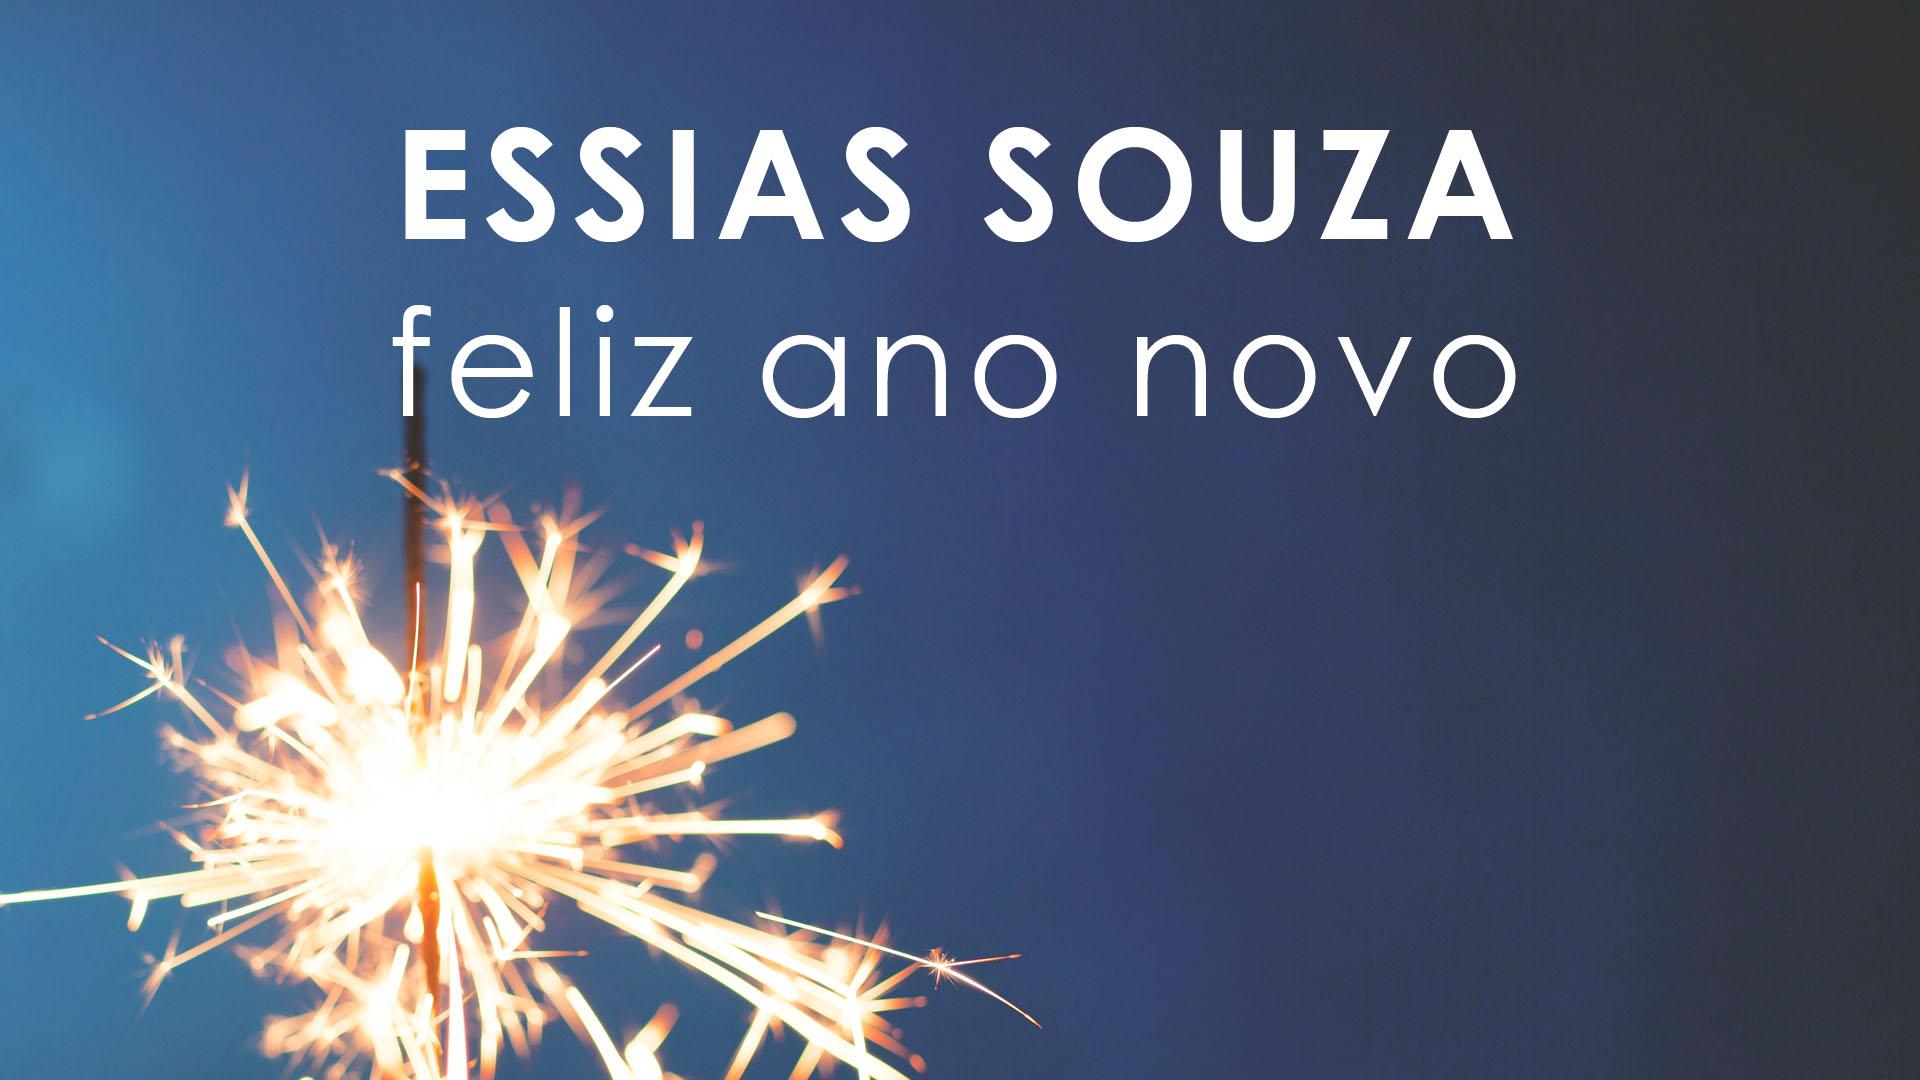 Feliz Ano Novo!!! Mais Uma Mensagem